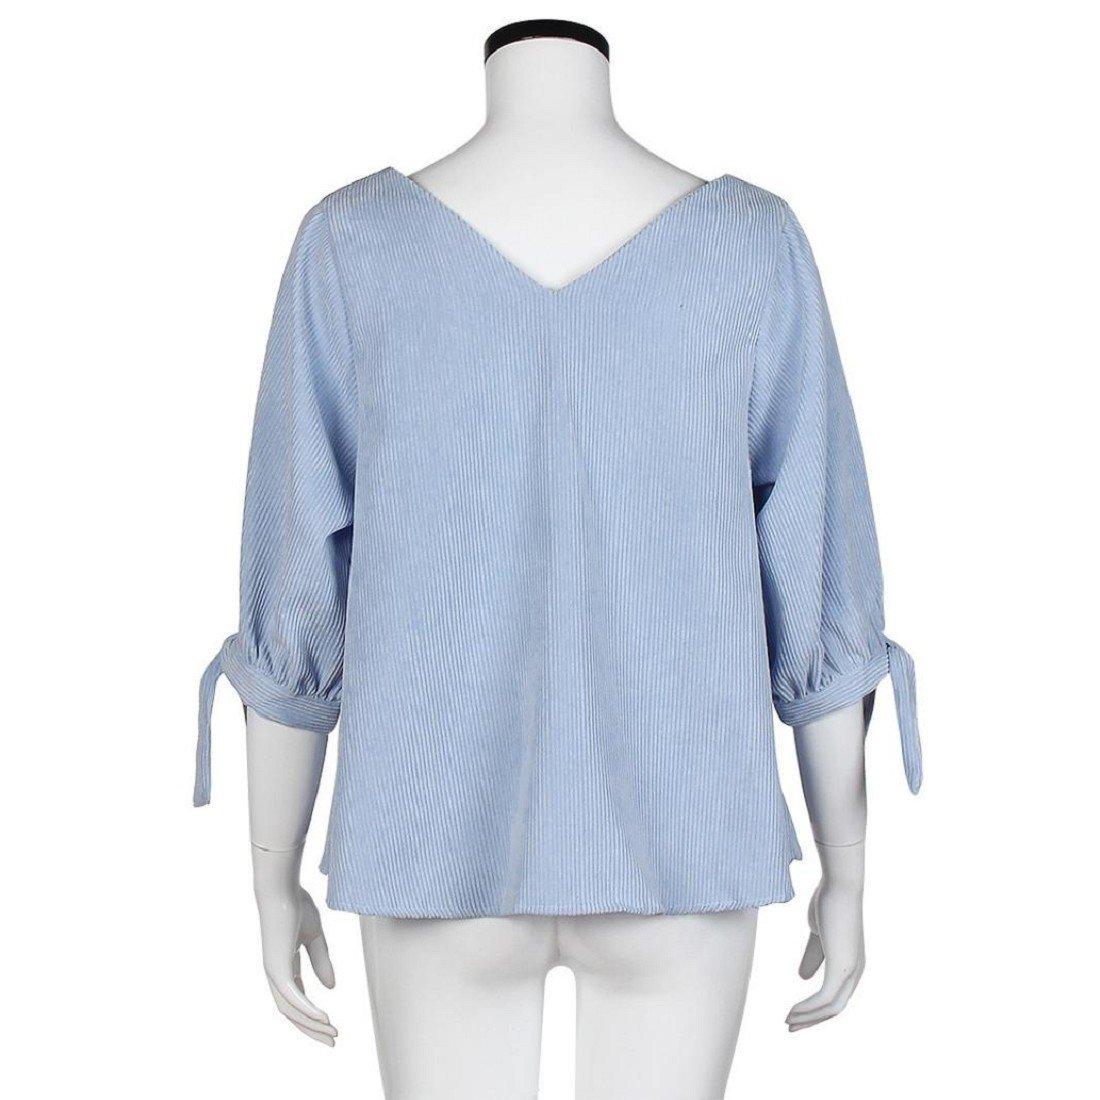 Tongshi Suelta de manga larga de la blusa ocasional de la camisa de las nuevas mujeres Tops camiseta de la moda (EU 34(Asia S), azul): Amazon.es: Ropa y ...